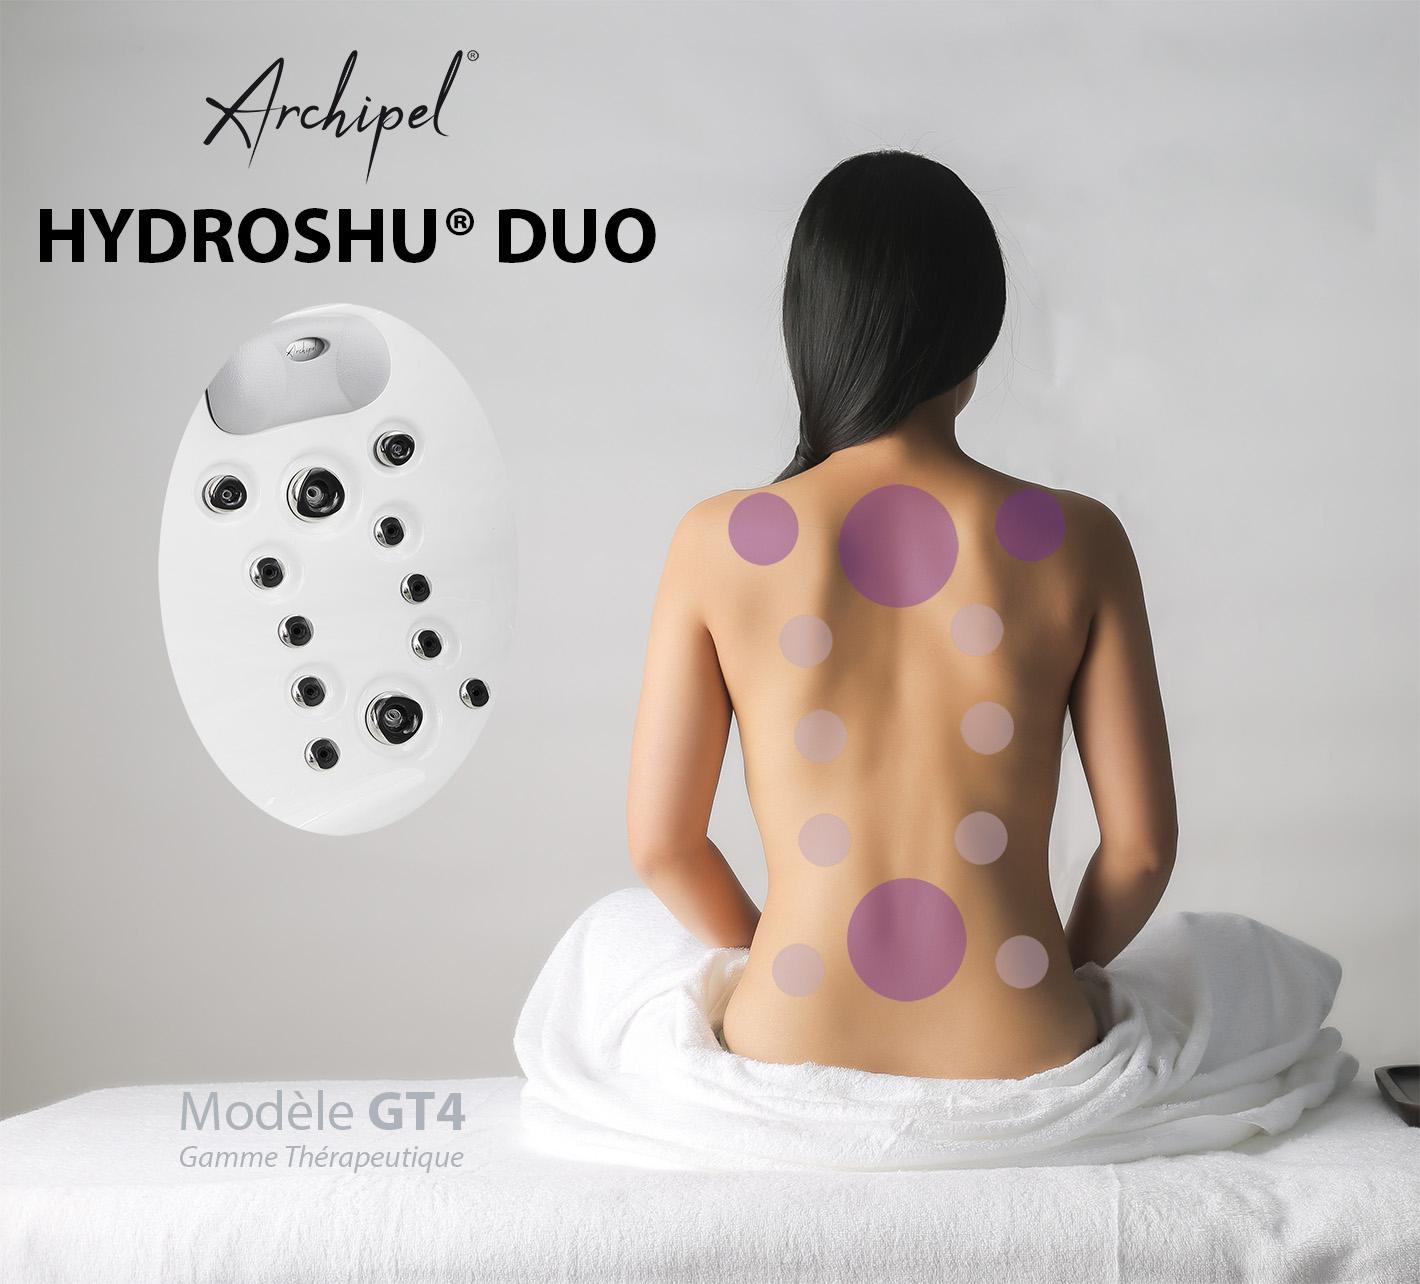 Hydroshu Duo - place thérapeutique duo exclusivité Archipel GT4